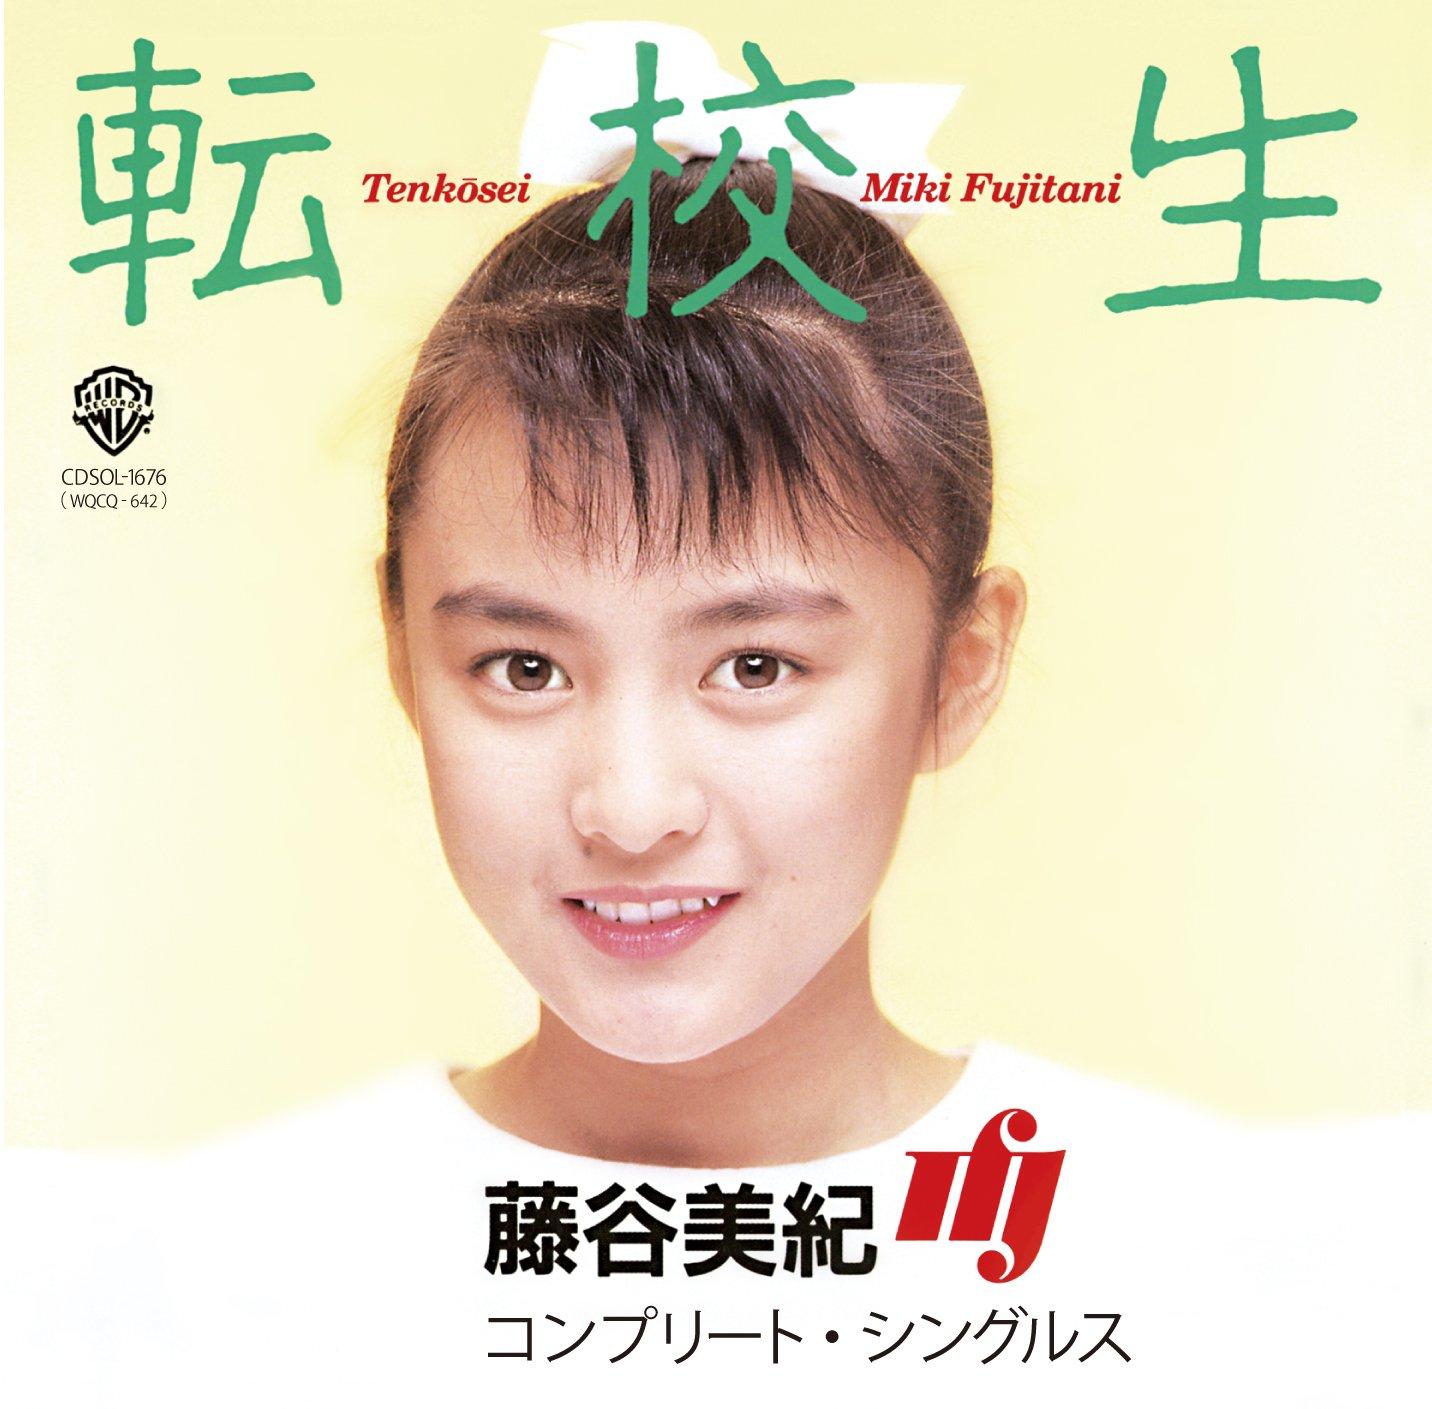 Miki Fujitani